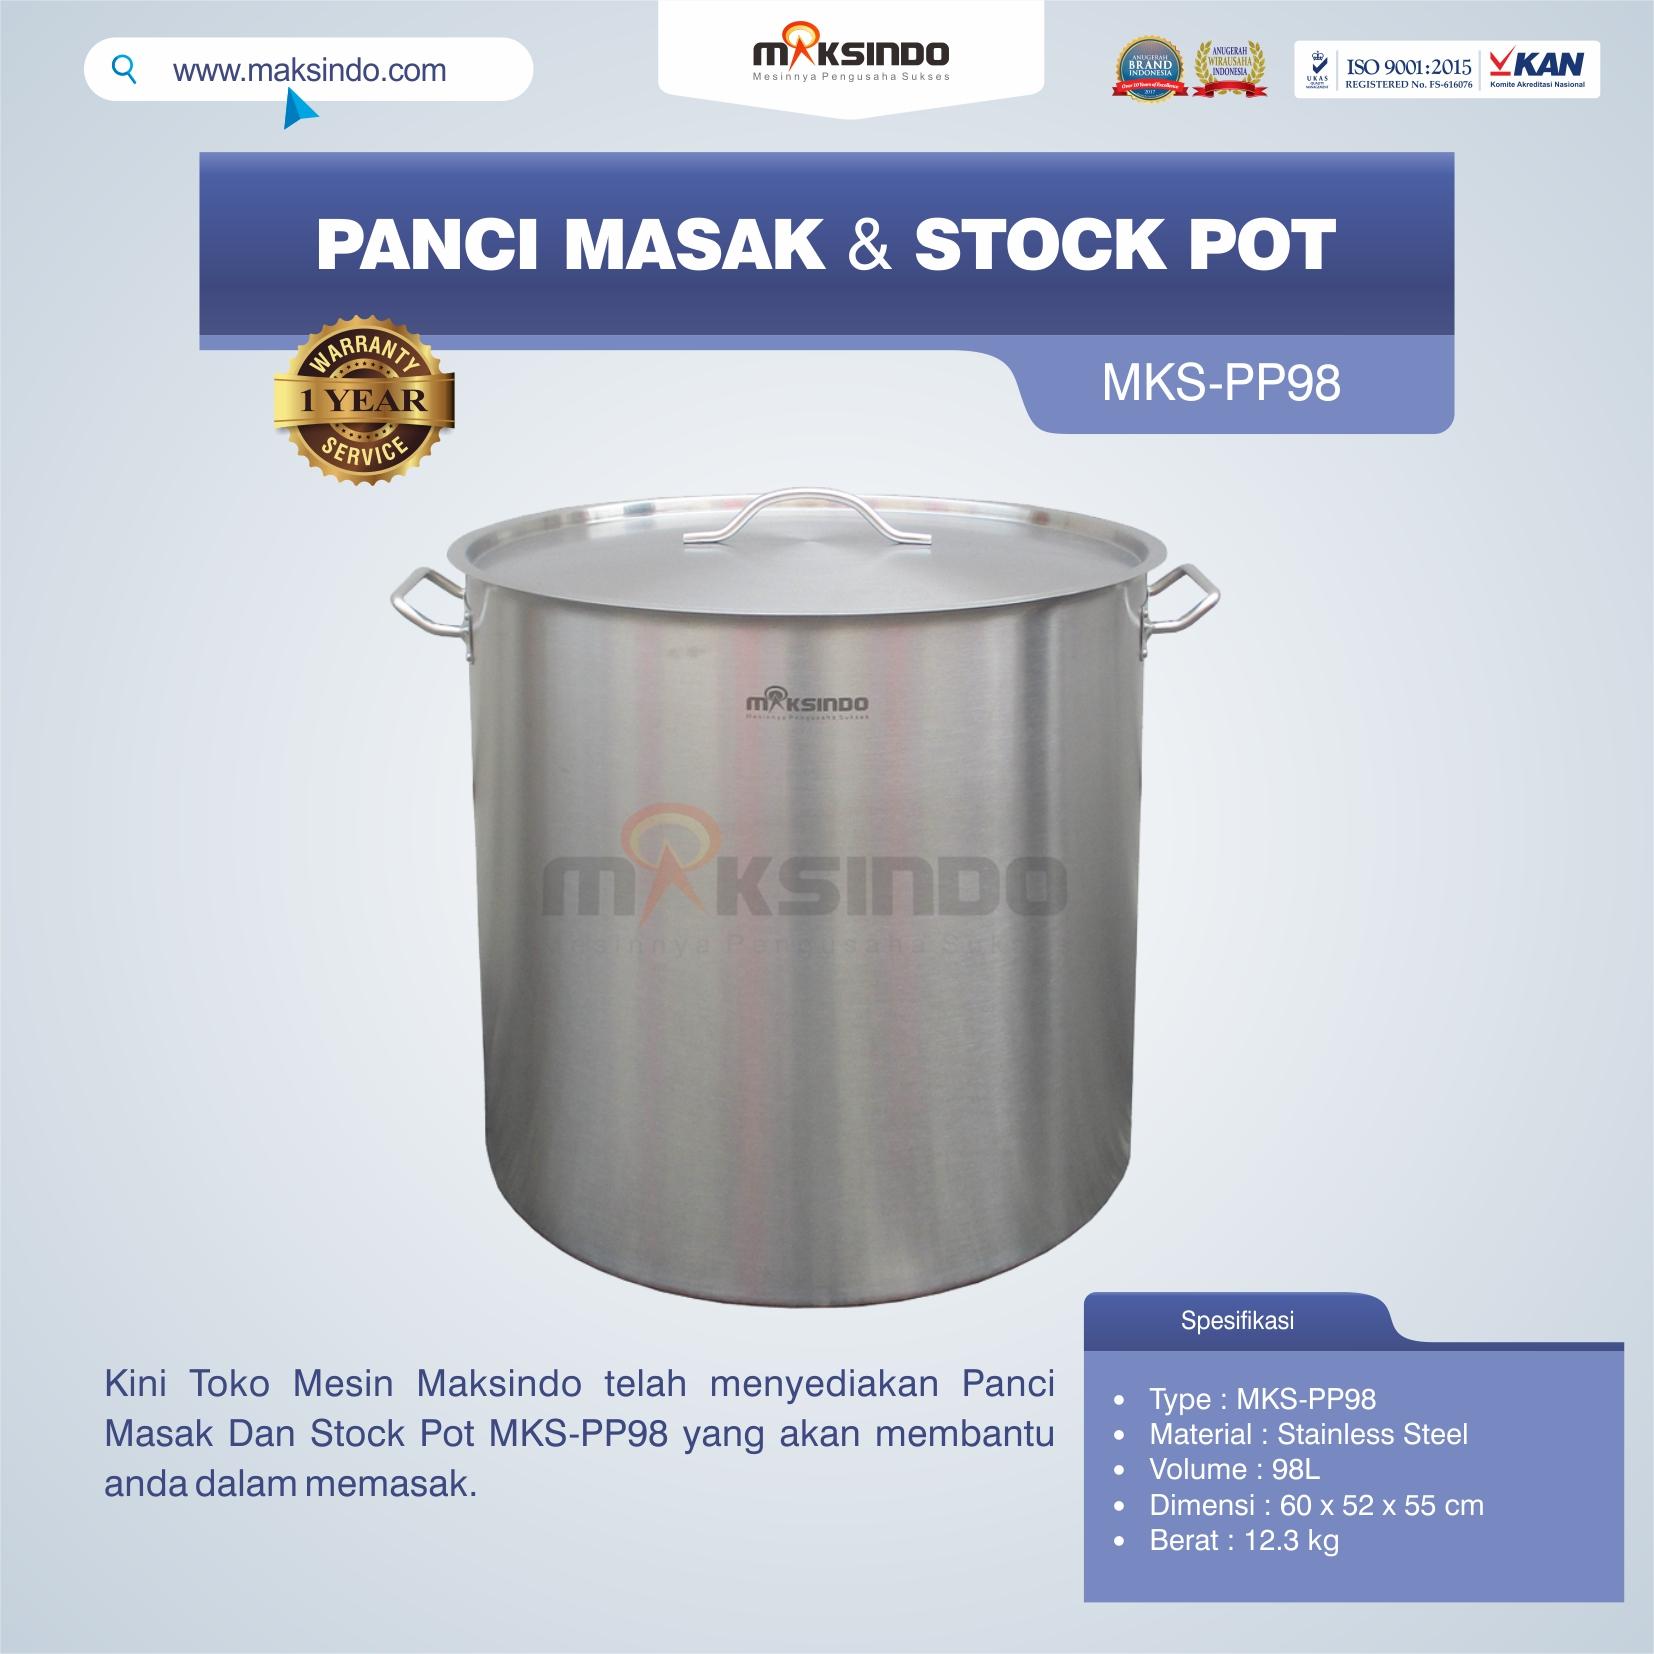 Jual Panci Masak Dan Stock Pot MKS-PP98 di Pekanbaru